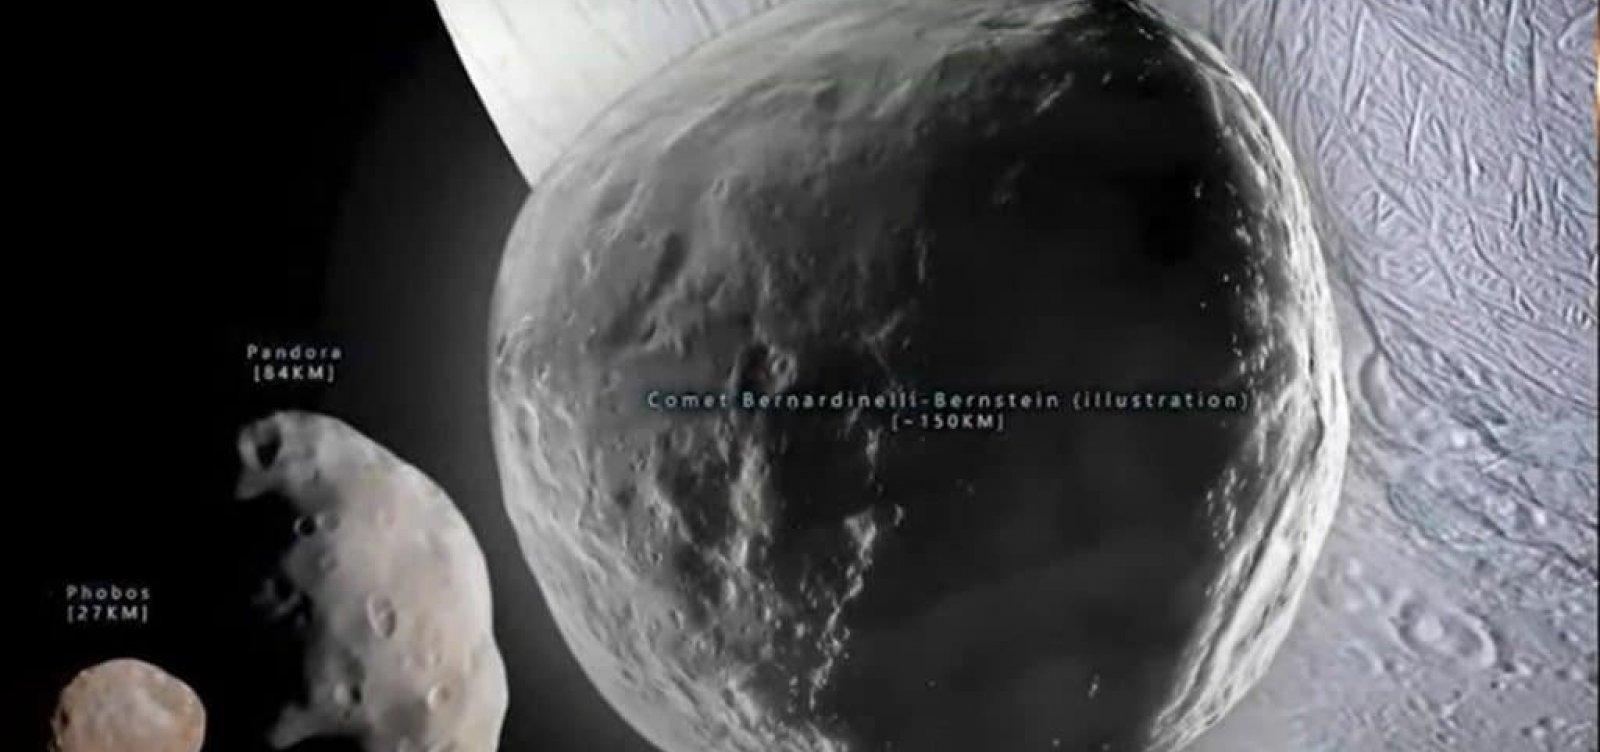 Maior cometa já observado passa a viajar na direção da Terra